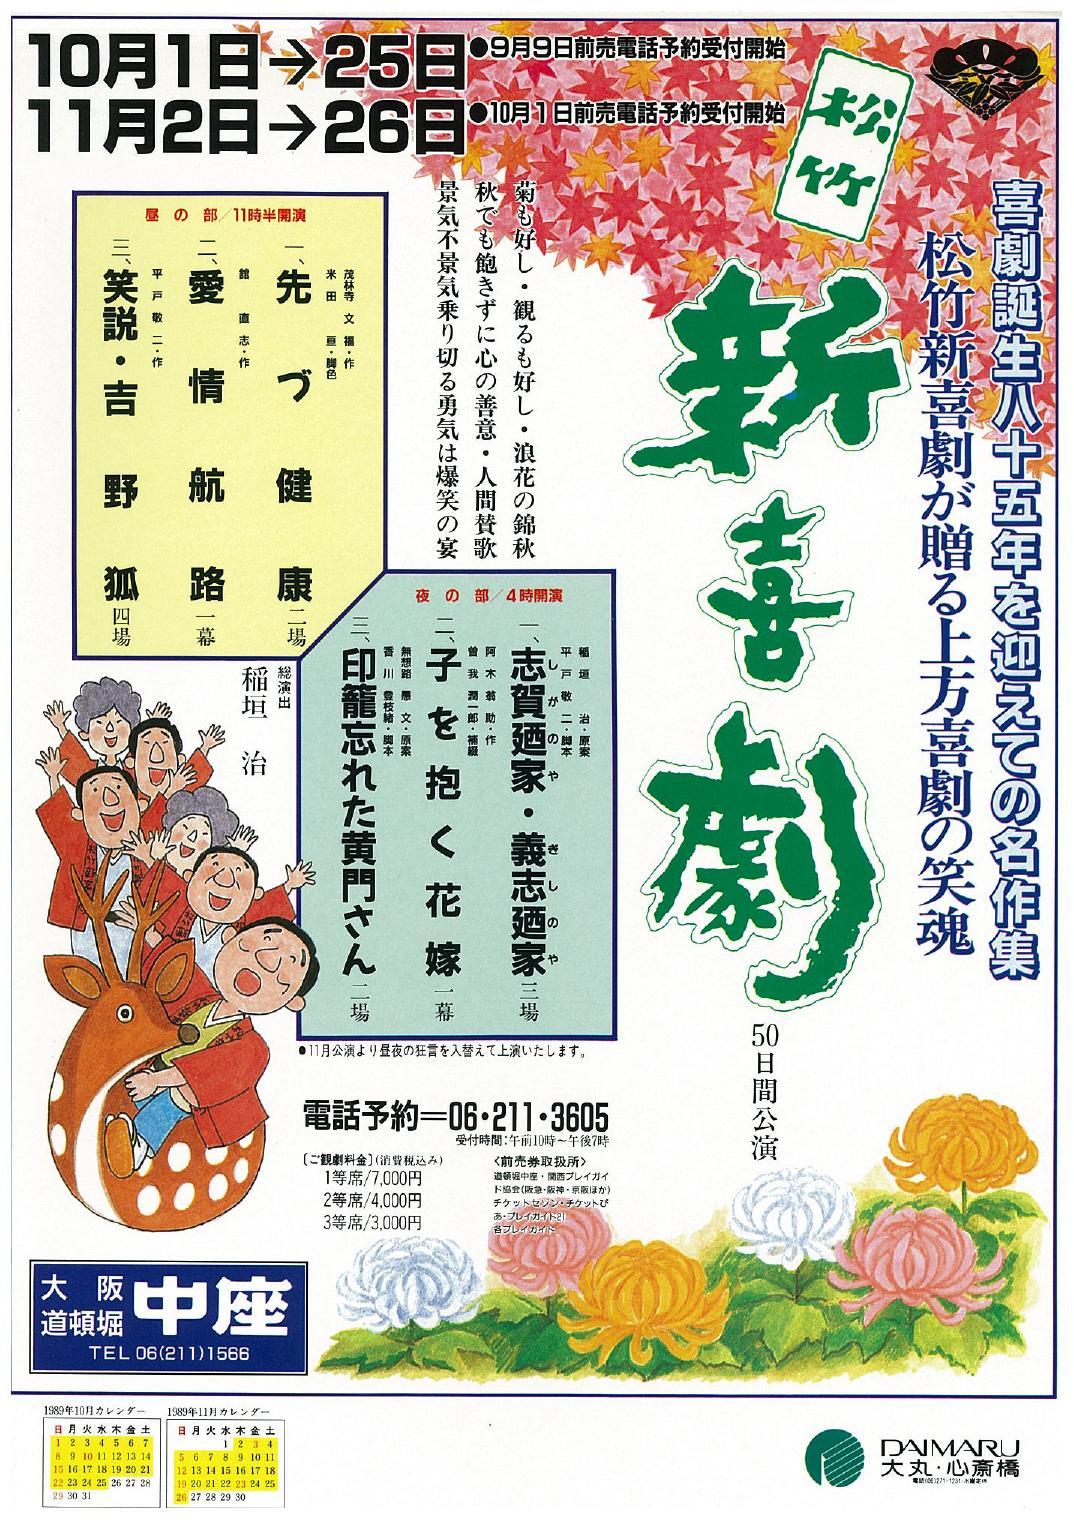 【中座】松竹新喜劇  50日間公演